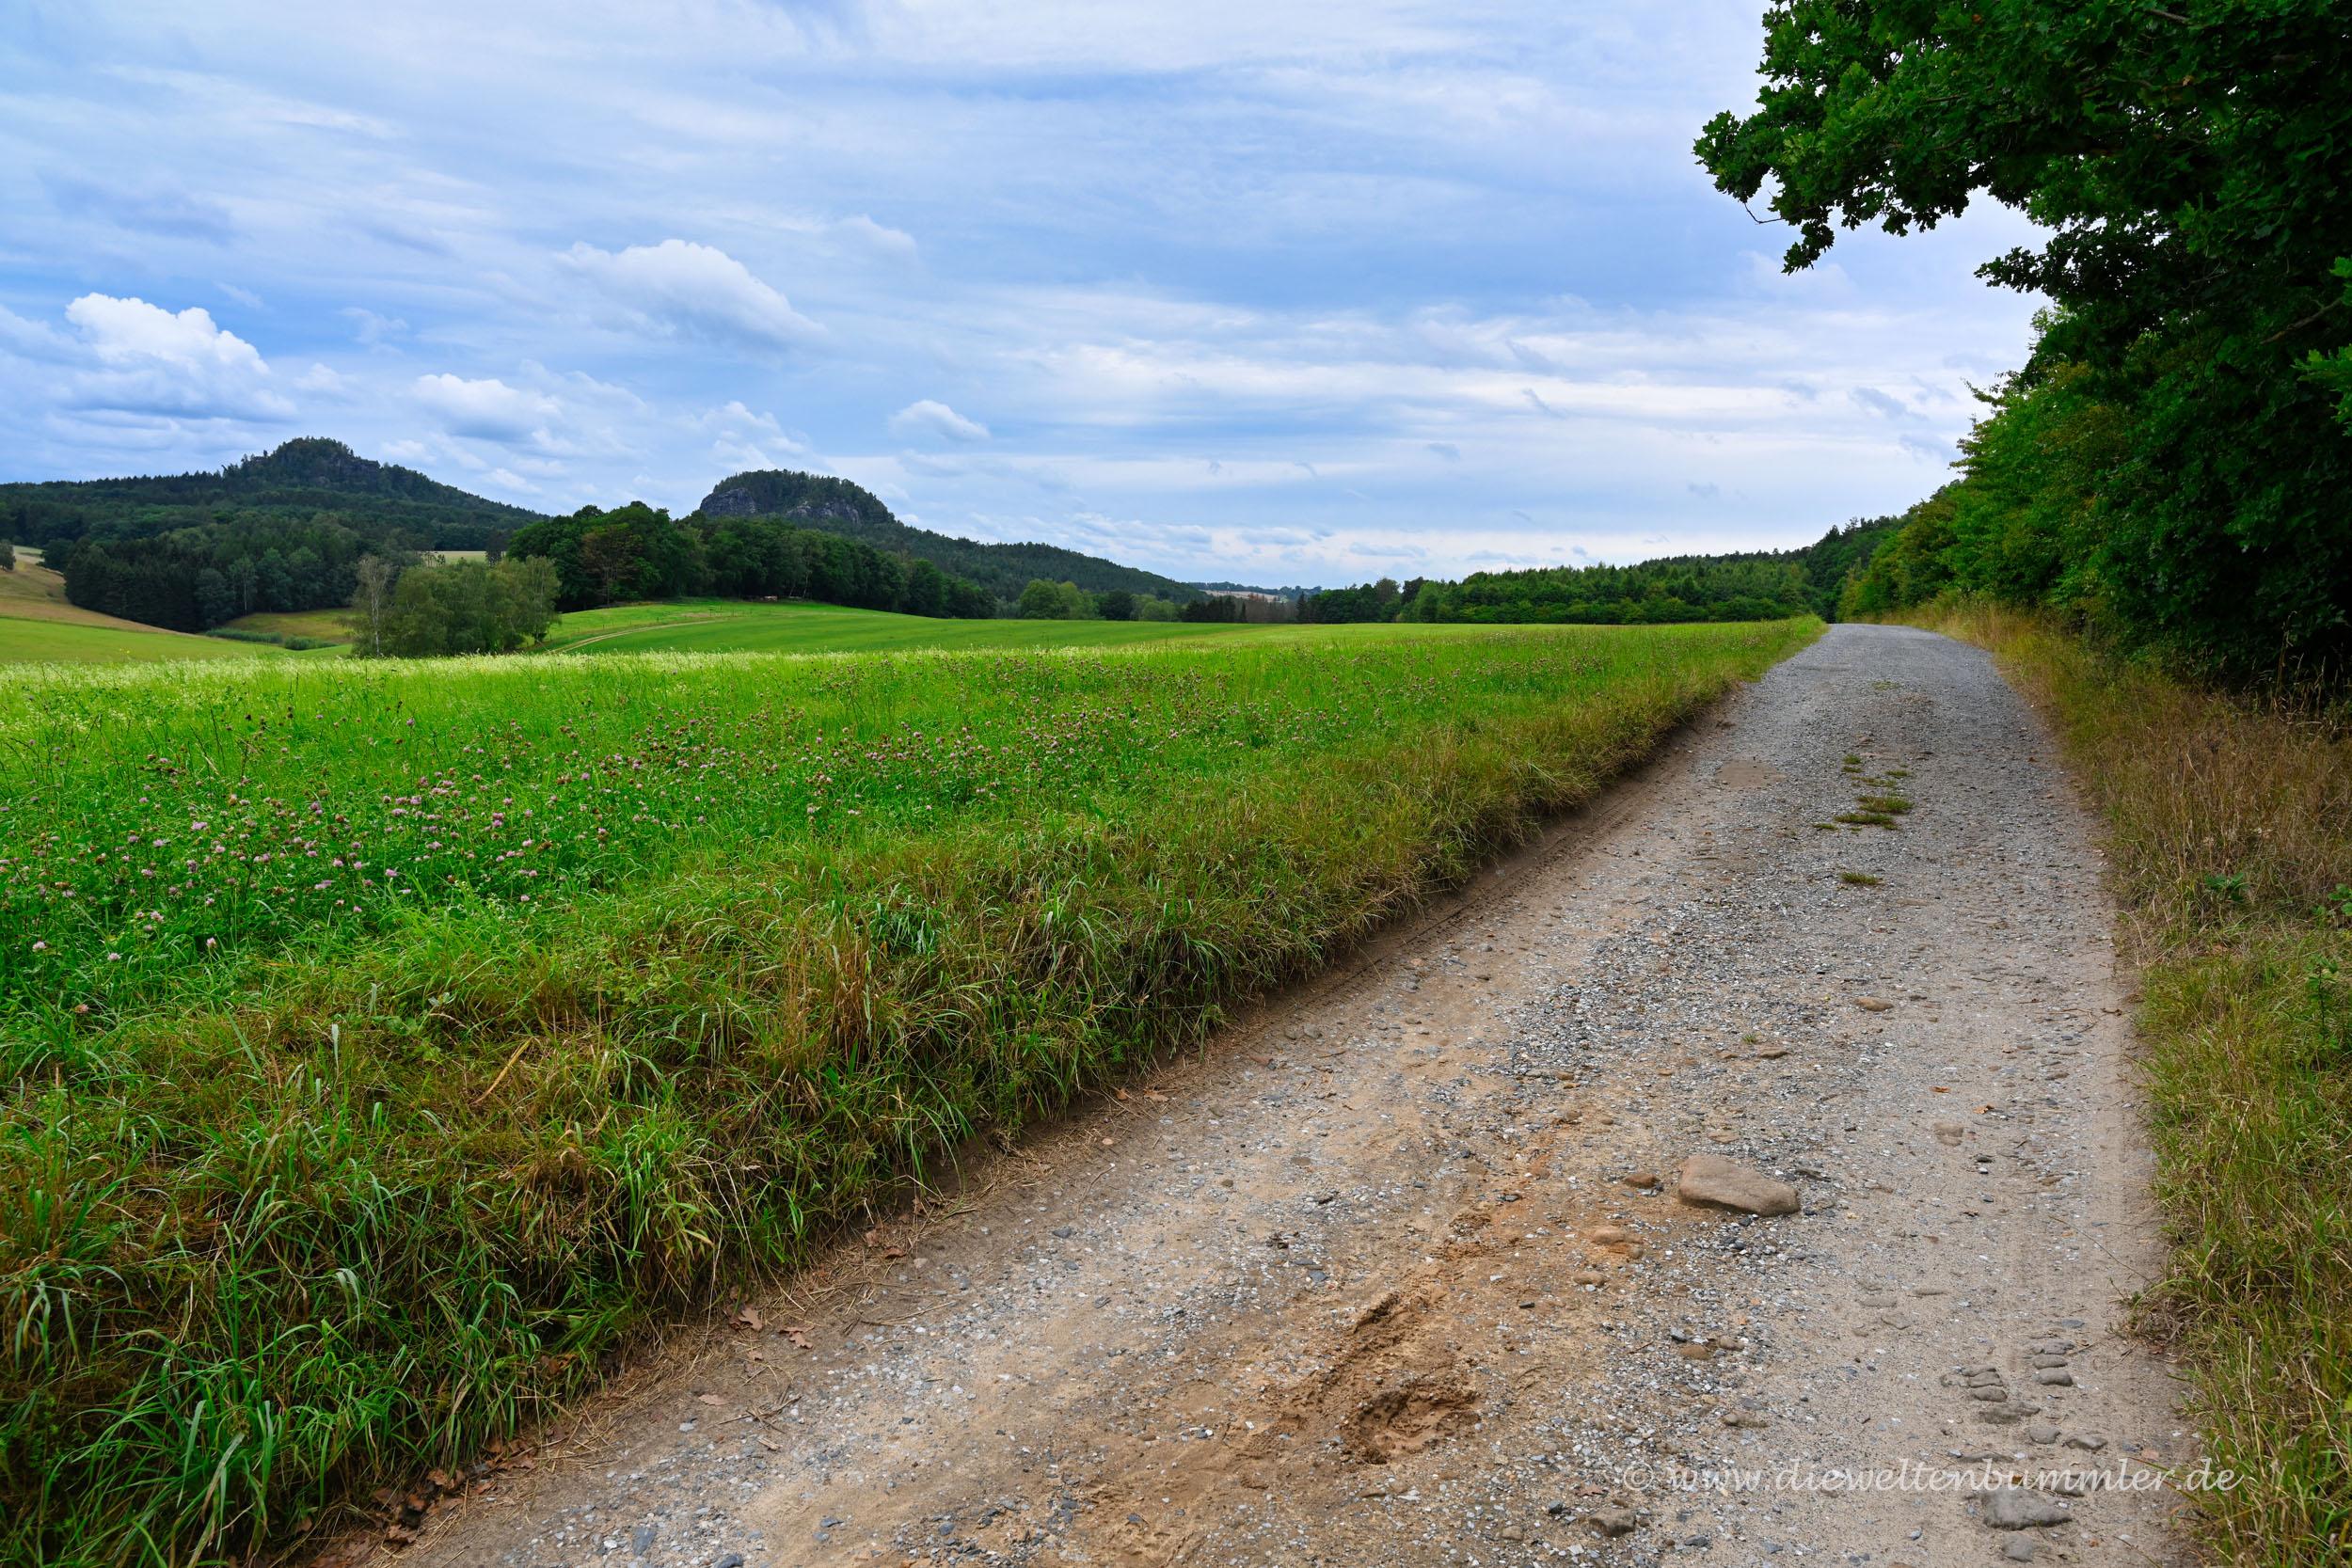 Wanderweg zum Rauenstein